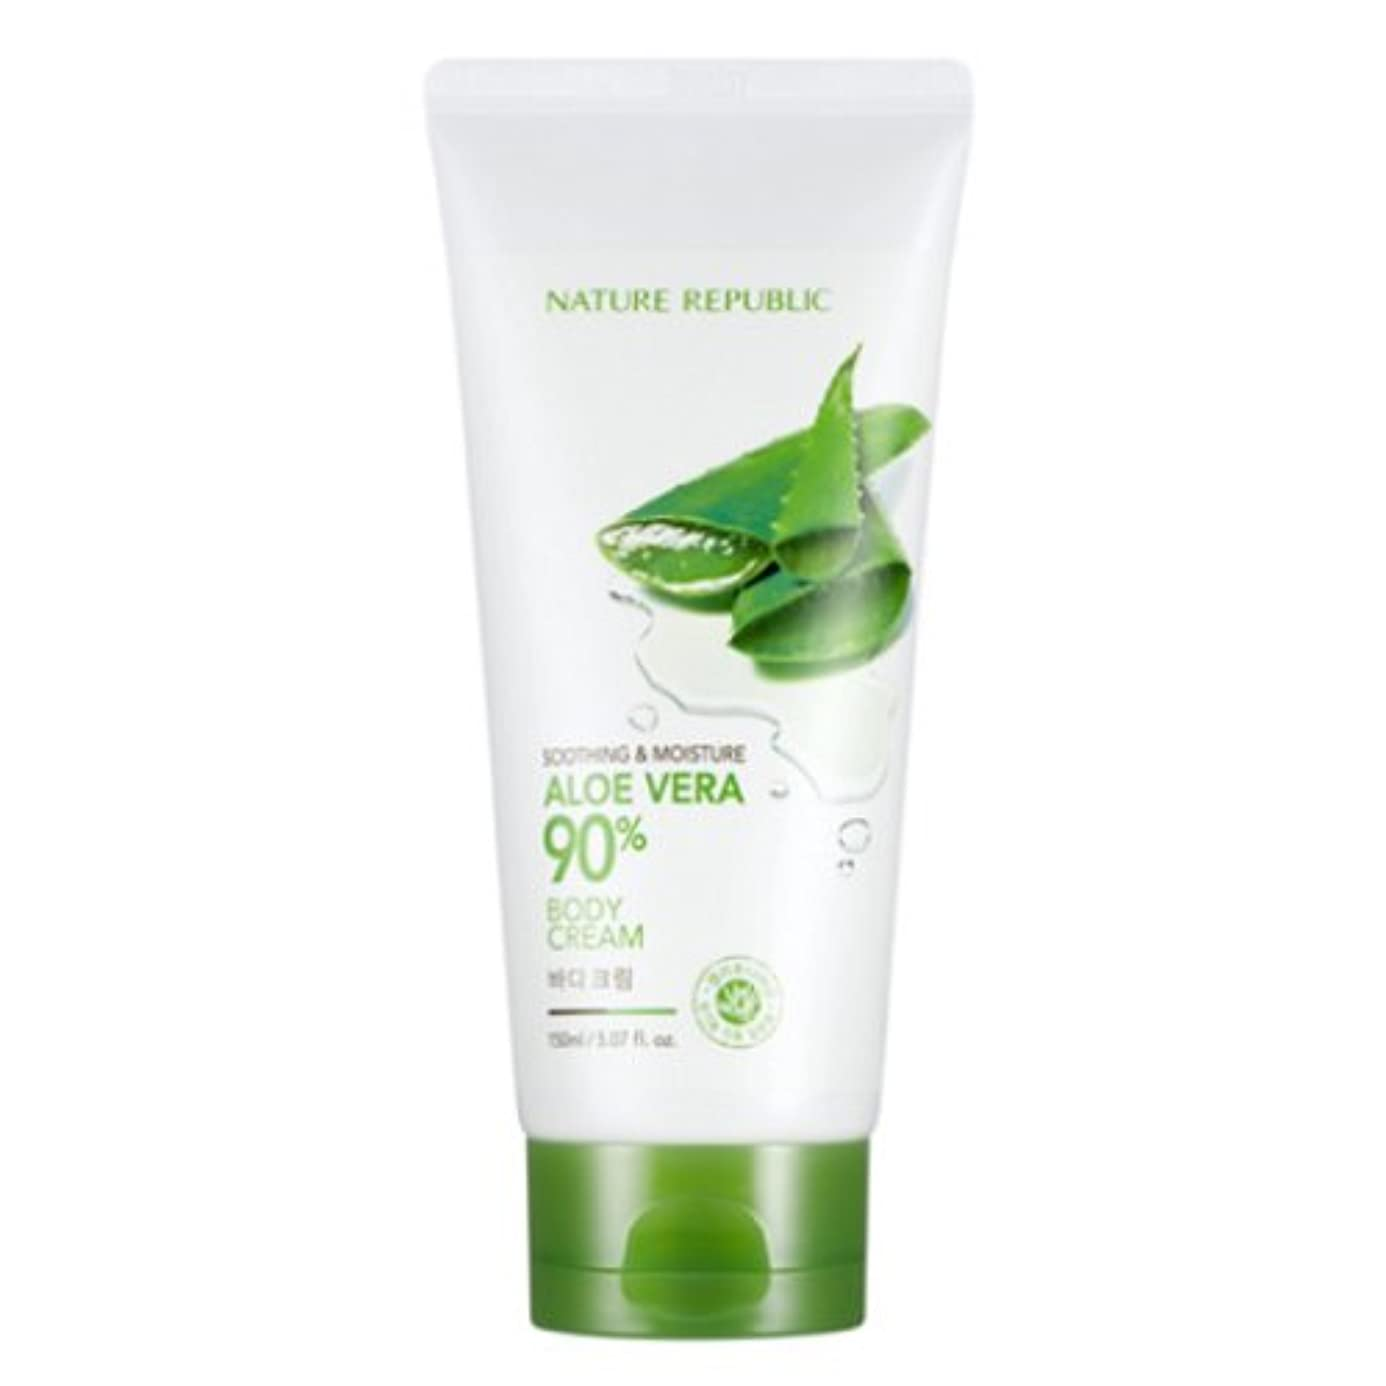 放課後子供っぽい先[ネイチャーリパブリック] Nature republicスージングアンドモイスチャーアロエベラ90%ボディクリーム海外直送品(Soothing And Moisture Aloe Vera90%Body Cream)...